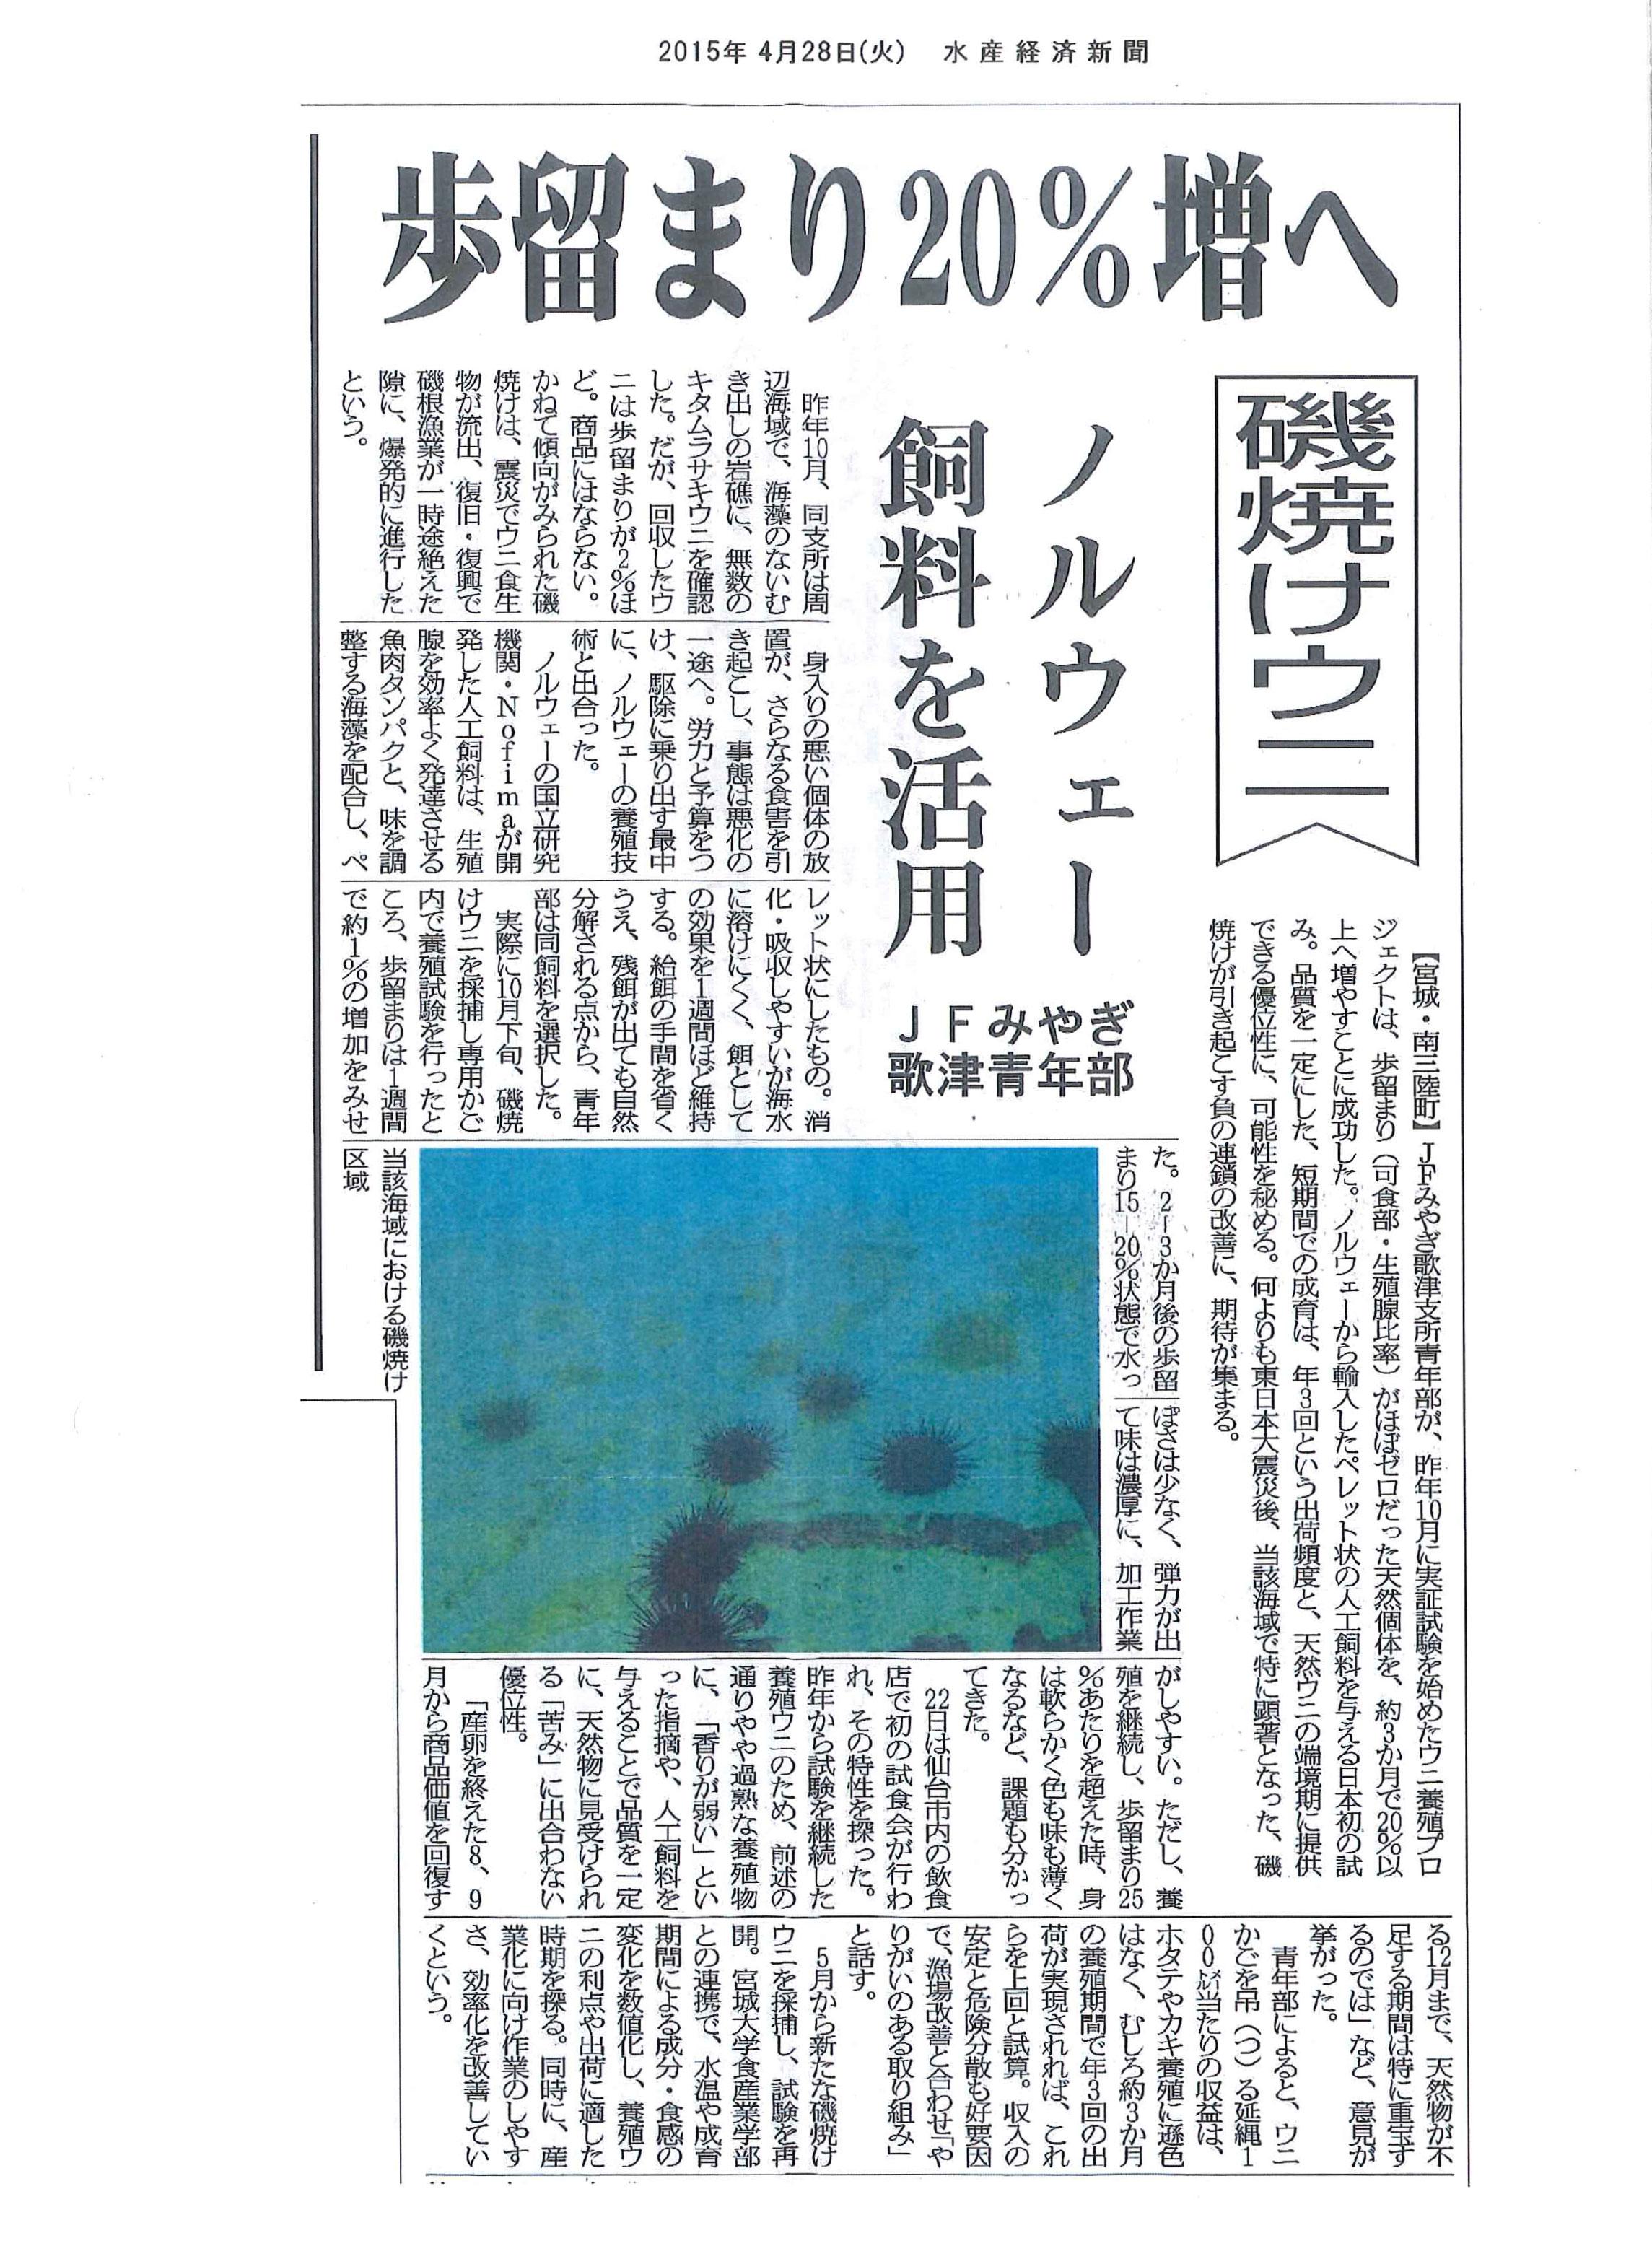 Suikei-04.28.2015.jpg